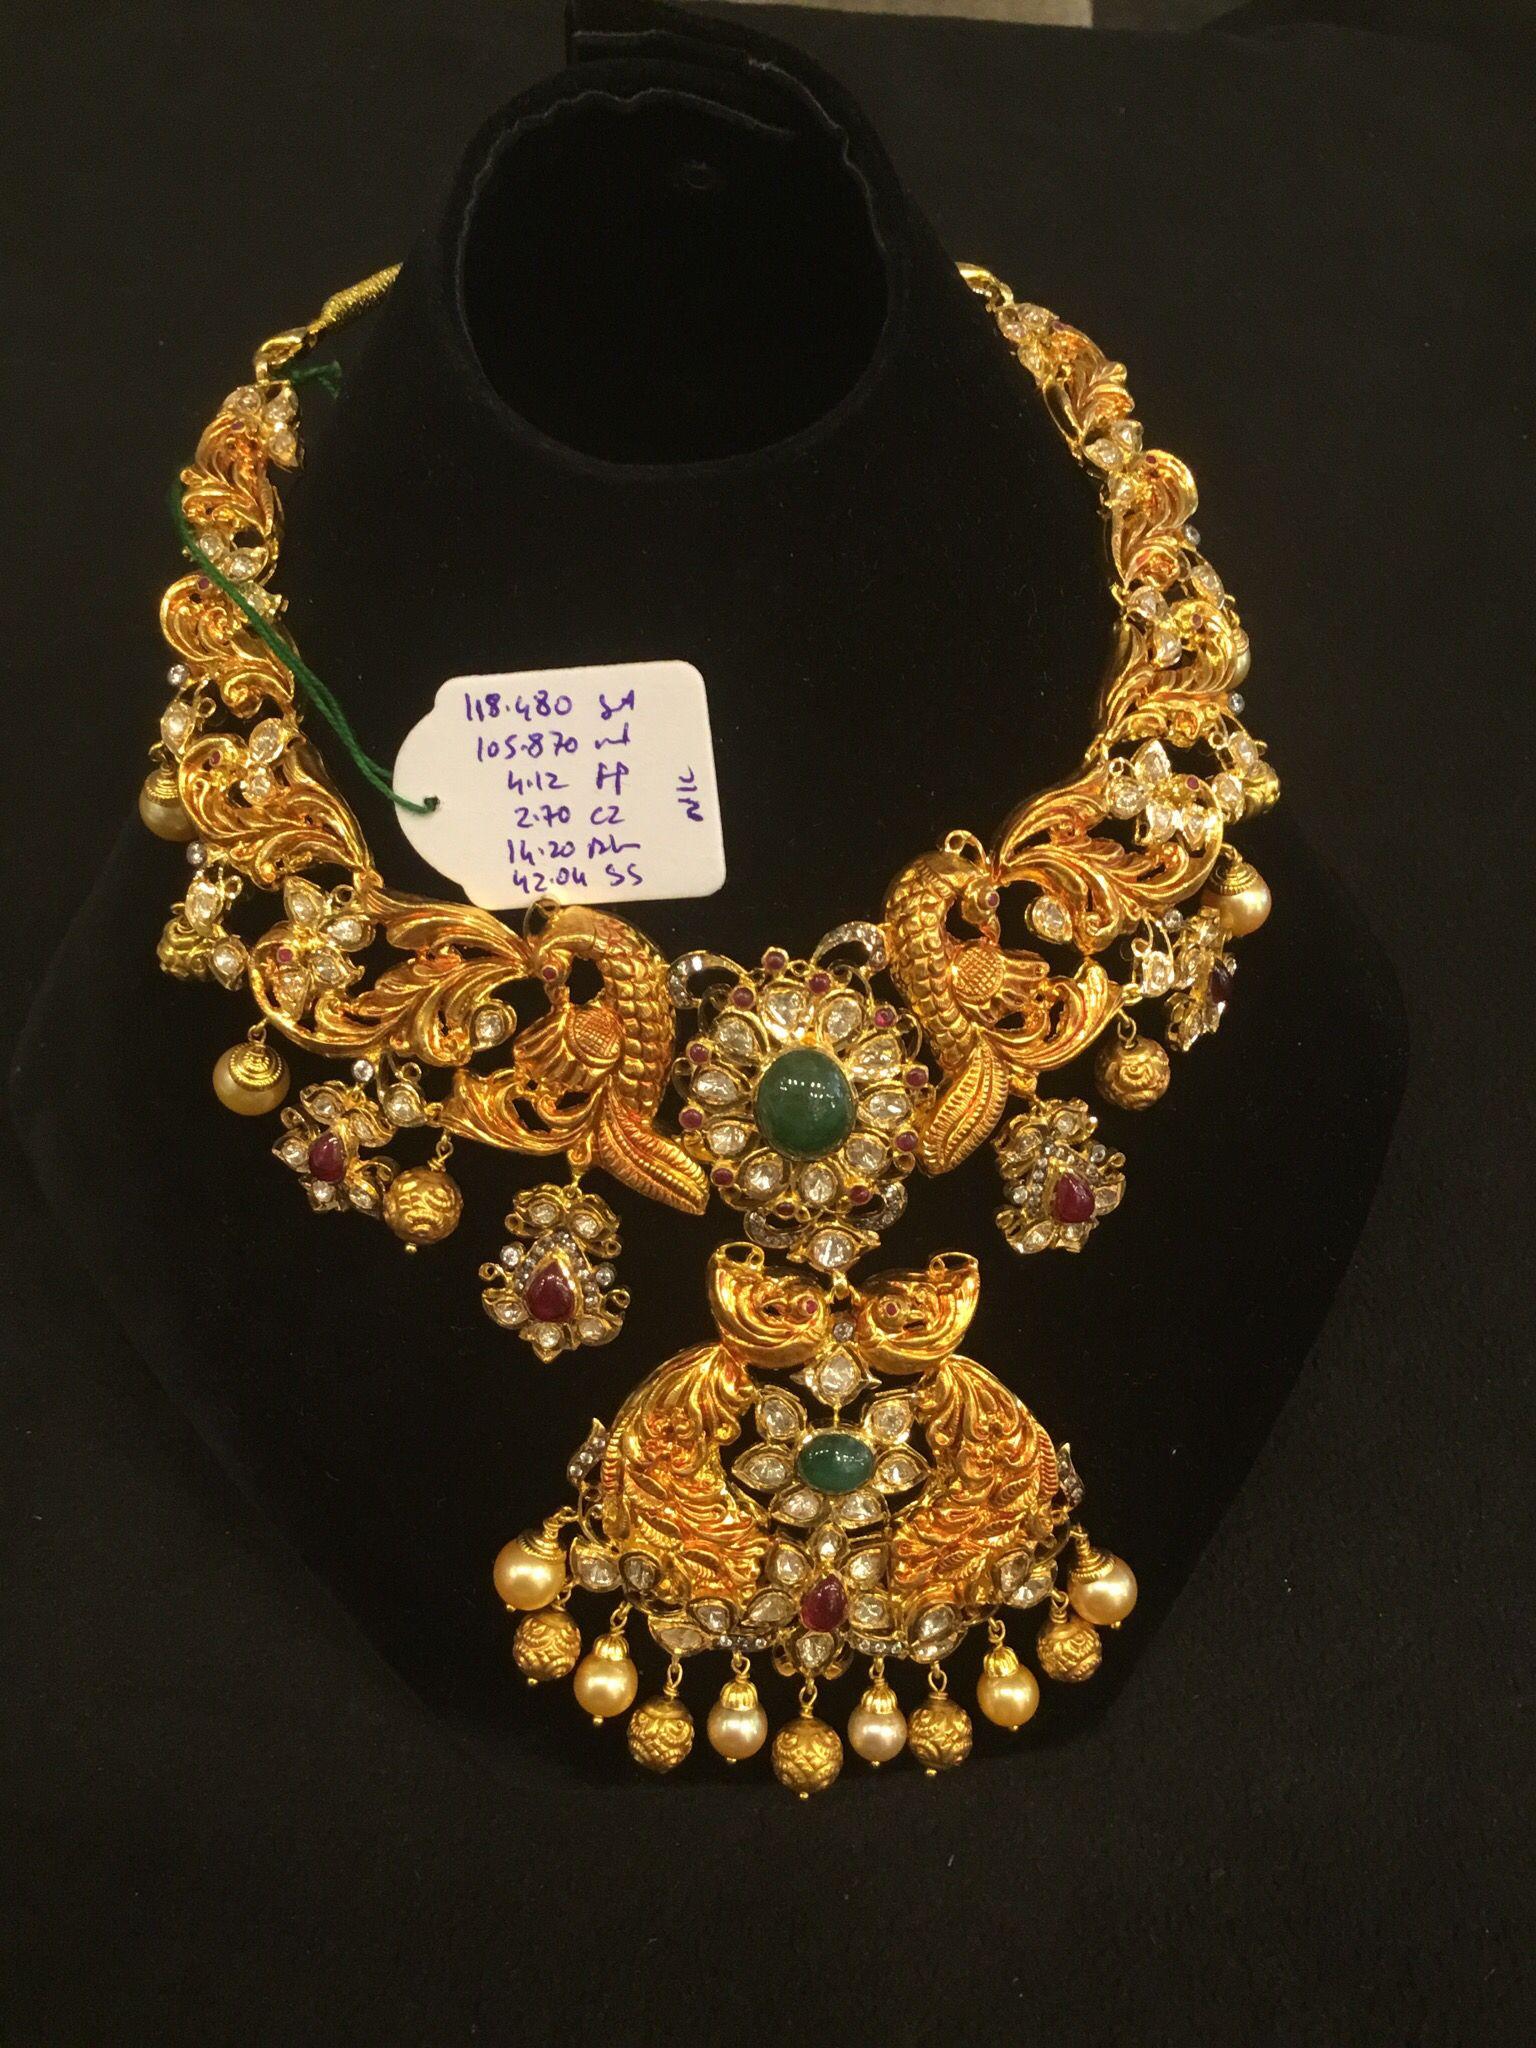 necklace 10t gms premraj shantilal jain jewellers. Black Bedroom Furniture Sets. Home Design Ideas